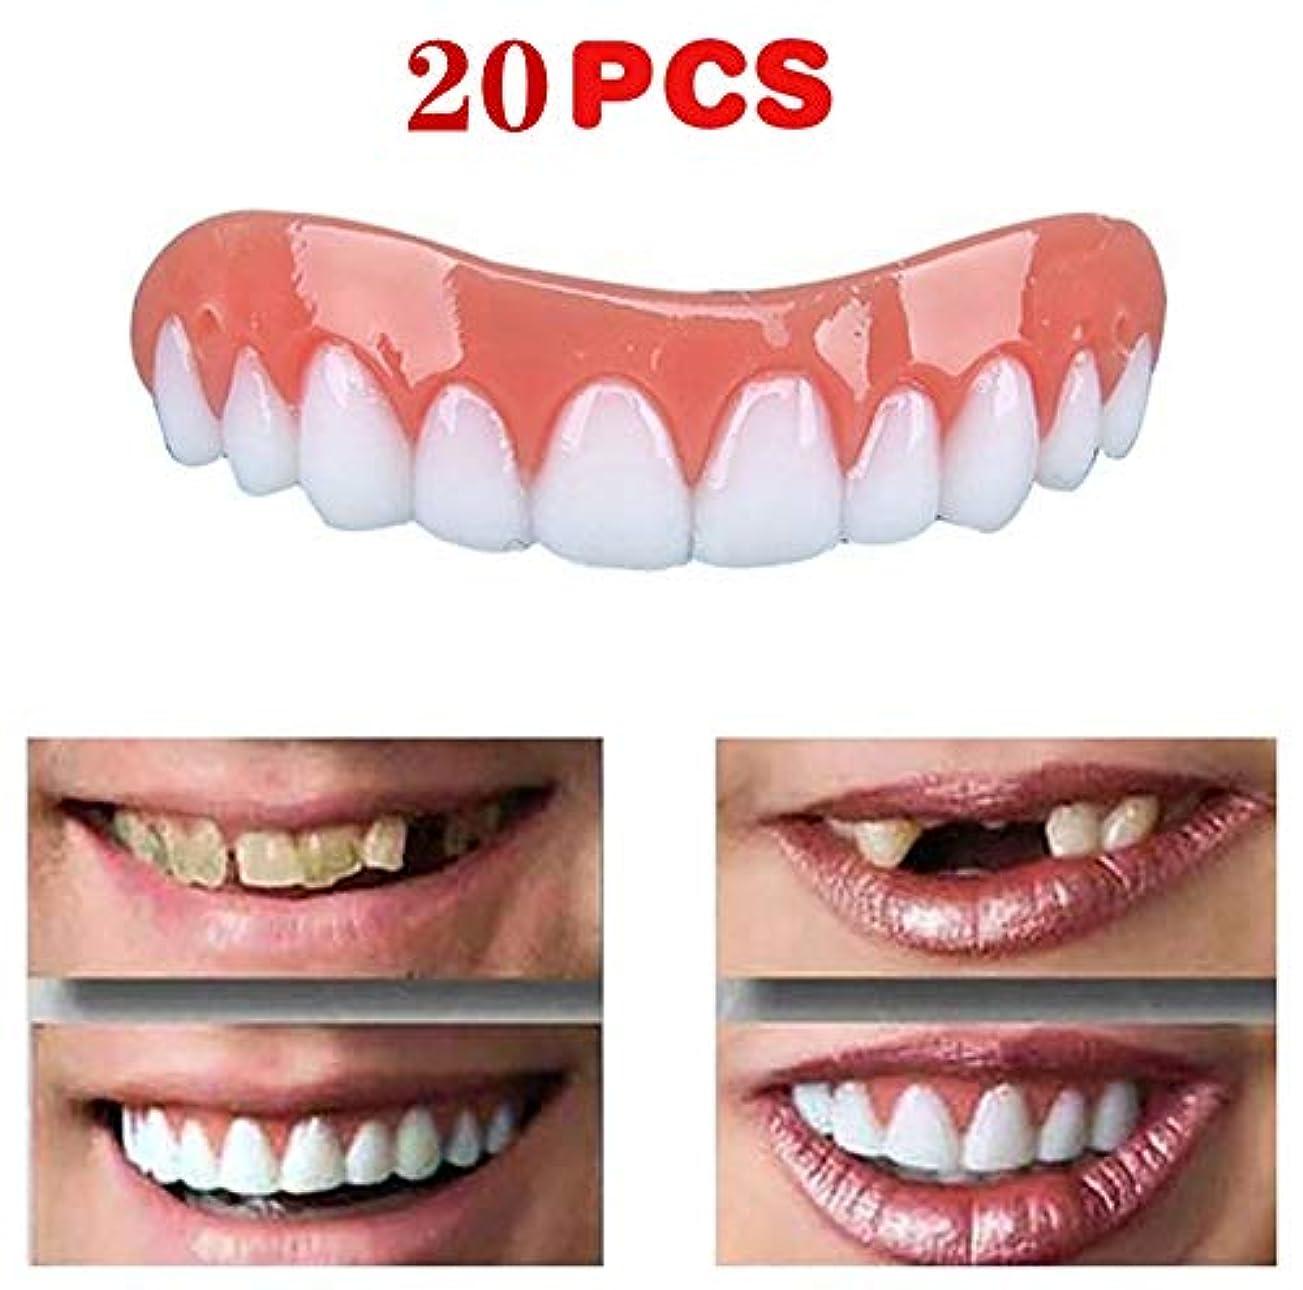 単なるまぶしさ故国20ピース新しい再利用可能な大人のスナップオンパーフェクトスマイルホワイトニング義歯フィットフレックス化粧品歯快適な突き板カバーデンタルケアアクセサリー